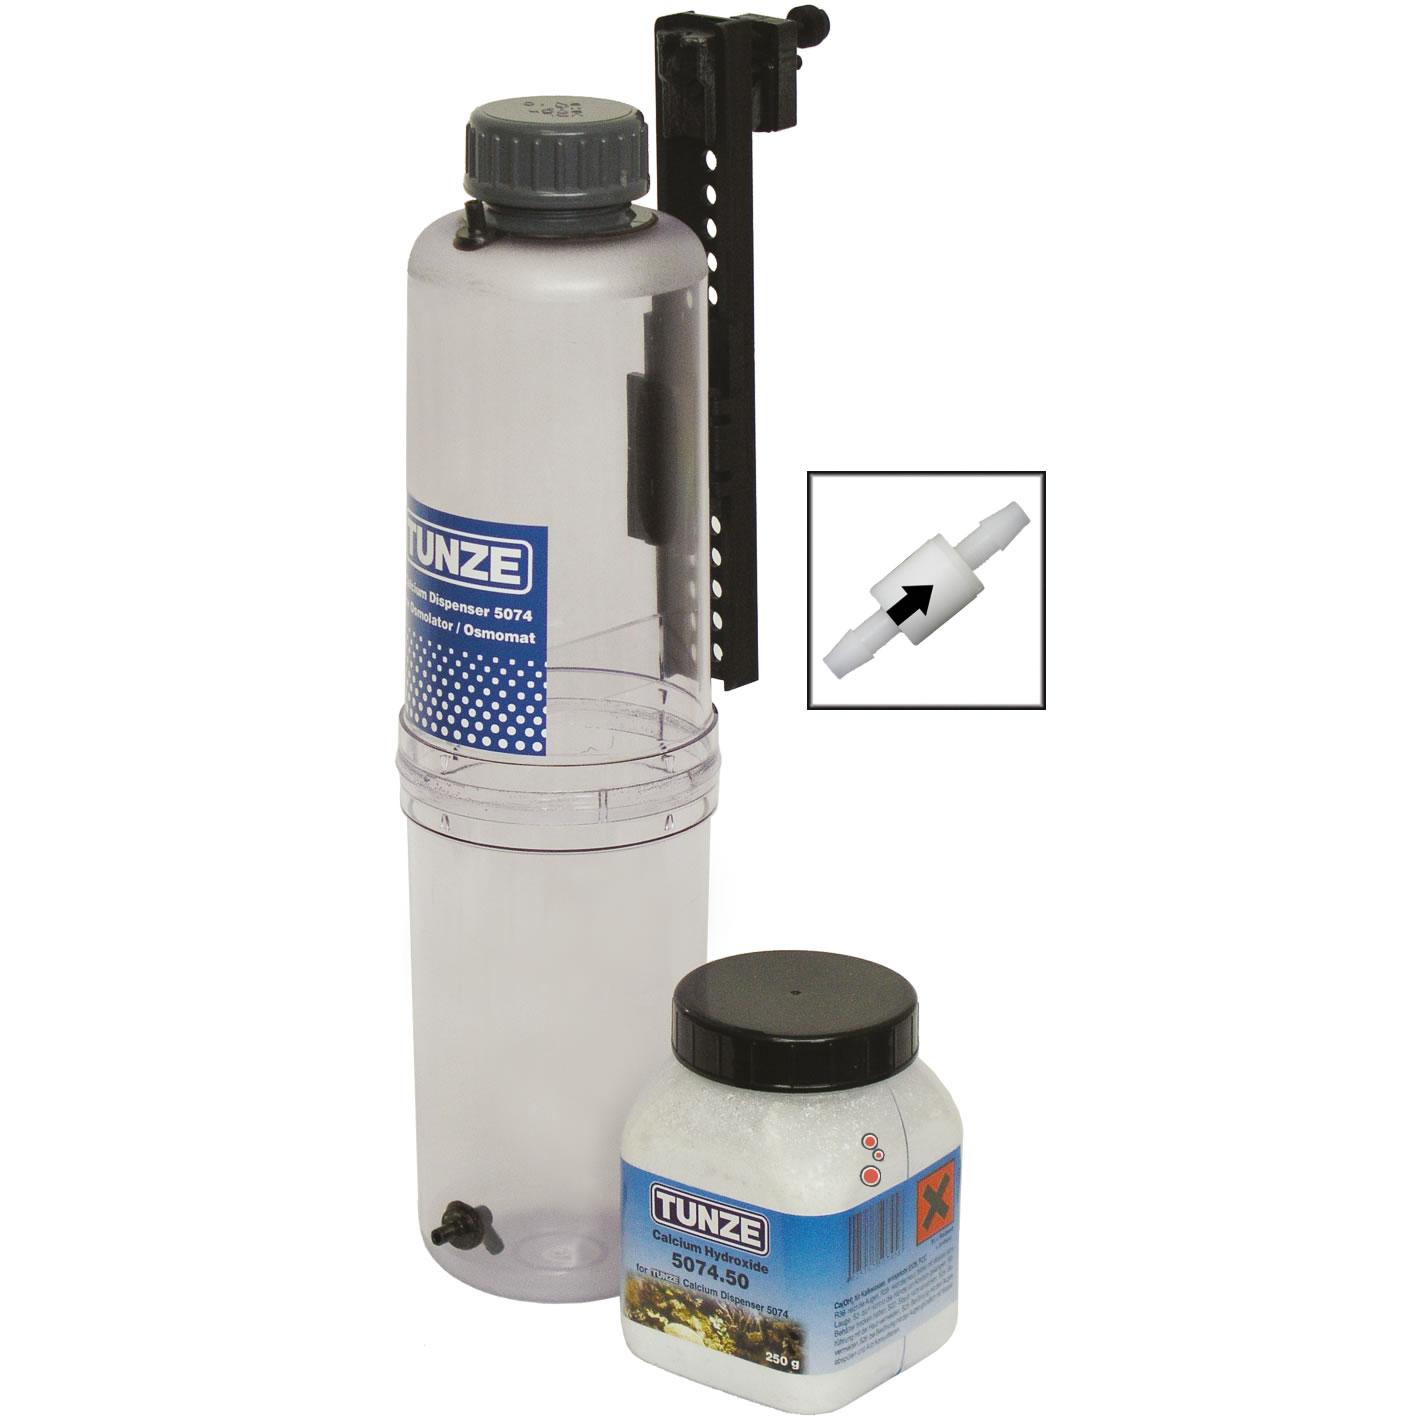 TUNZE Calcium Dispenser [5074.000]